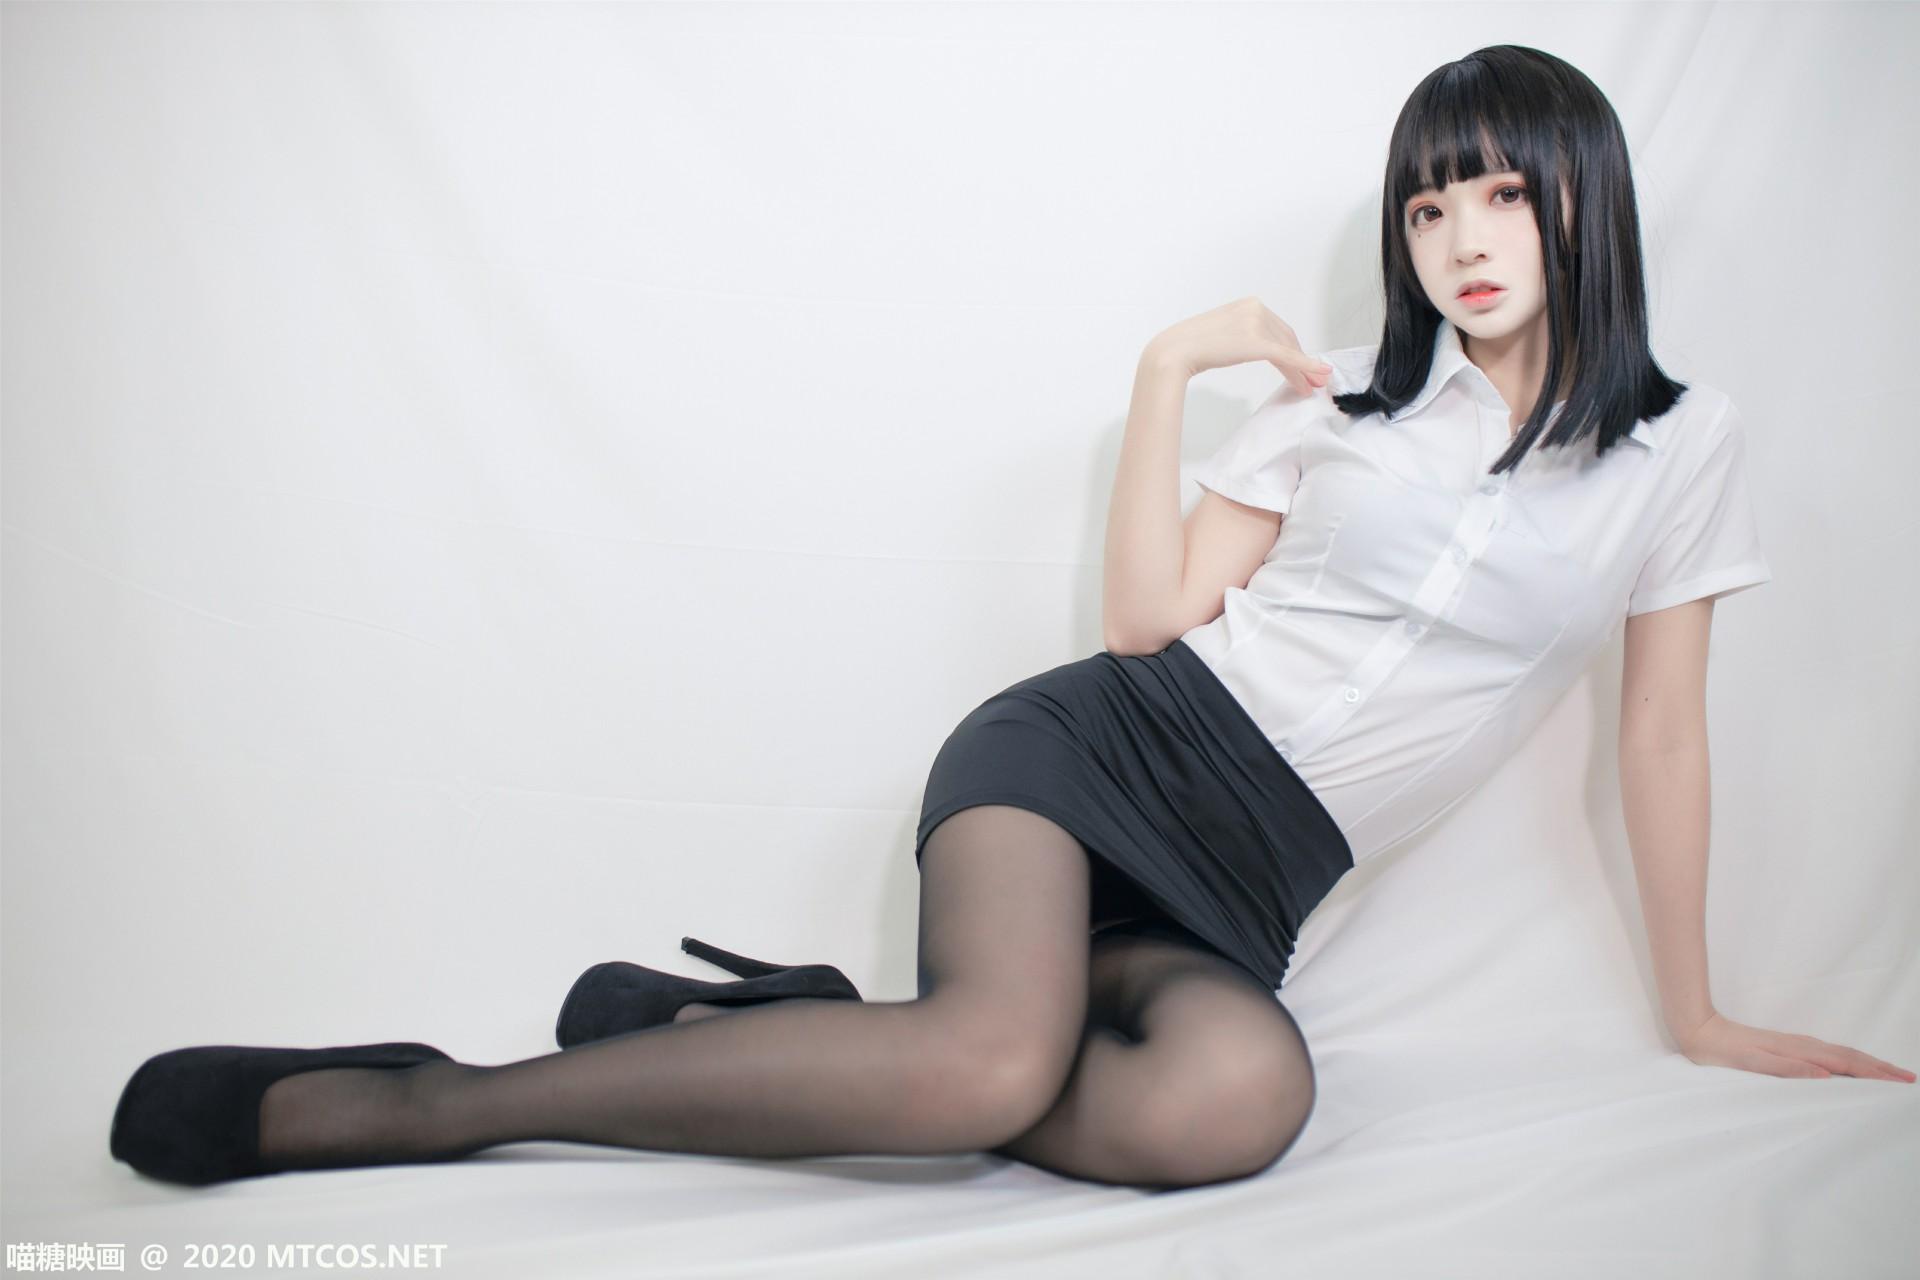 [喵糖映画] 2020.09.30 赏美系列 VOL.291 ol制服 第4张